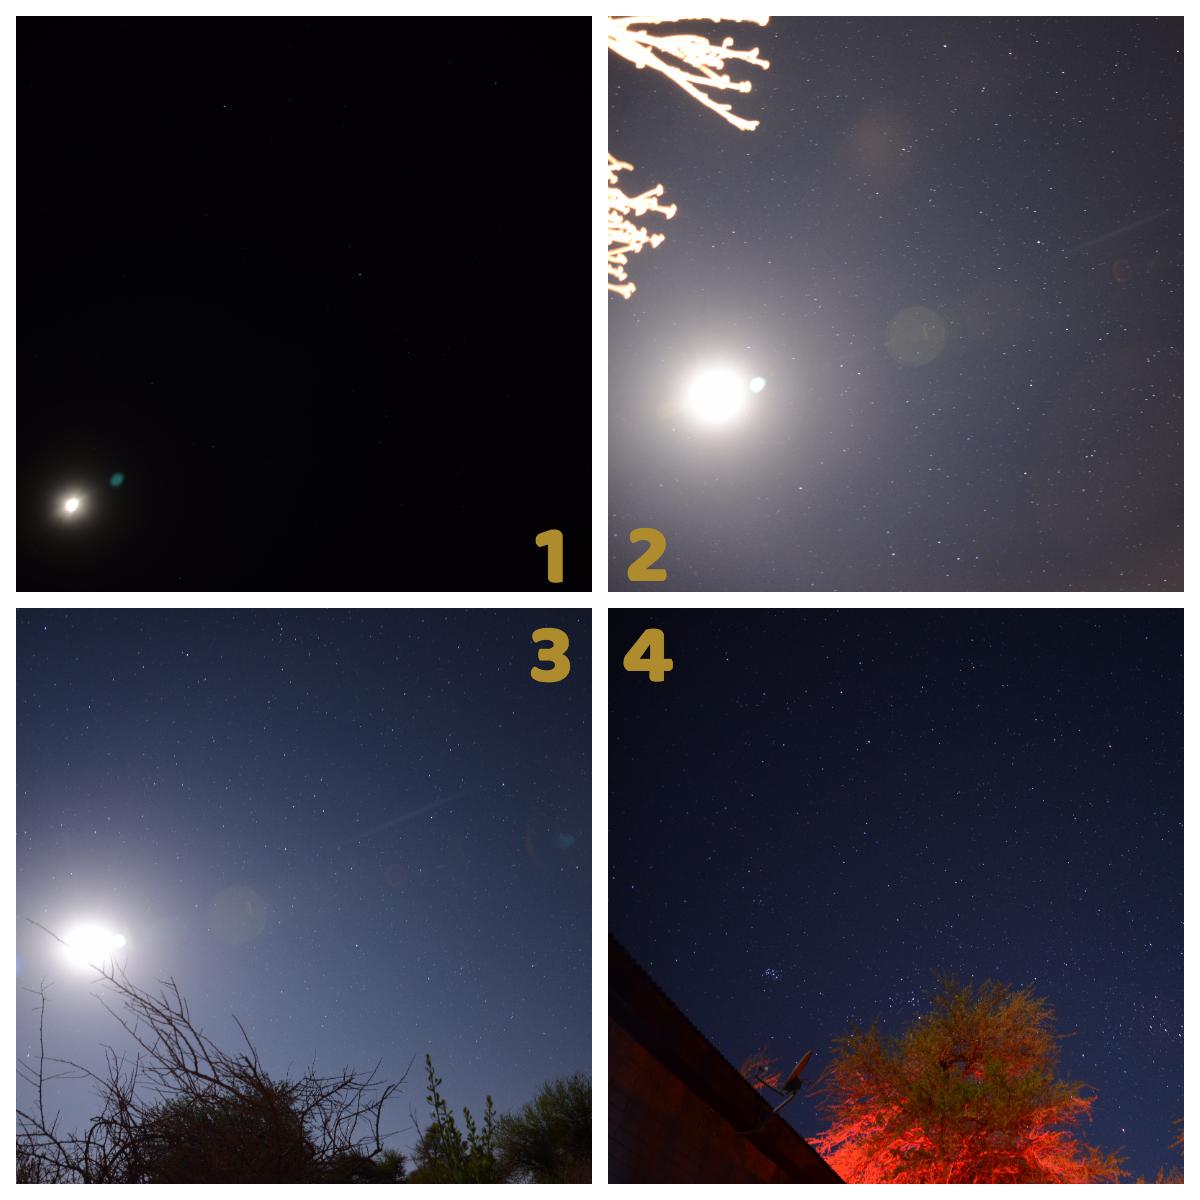 1 - a primeira tentativa, saiu nada. / 2 - só a luz da lua / 3 - a lua + algumas estrelas / 4 - alguma coisa melhor, com um telhado na frente